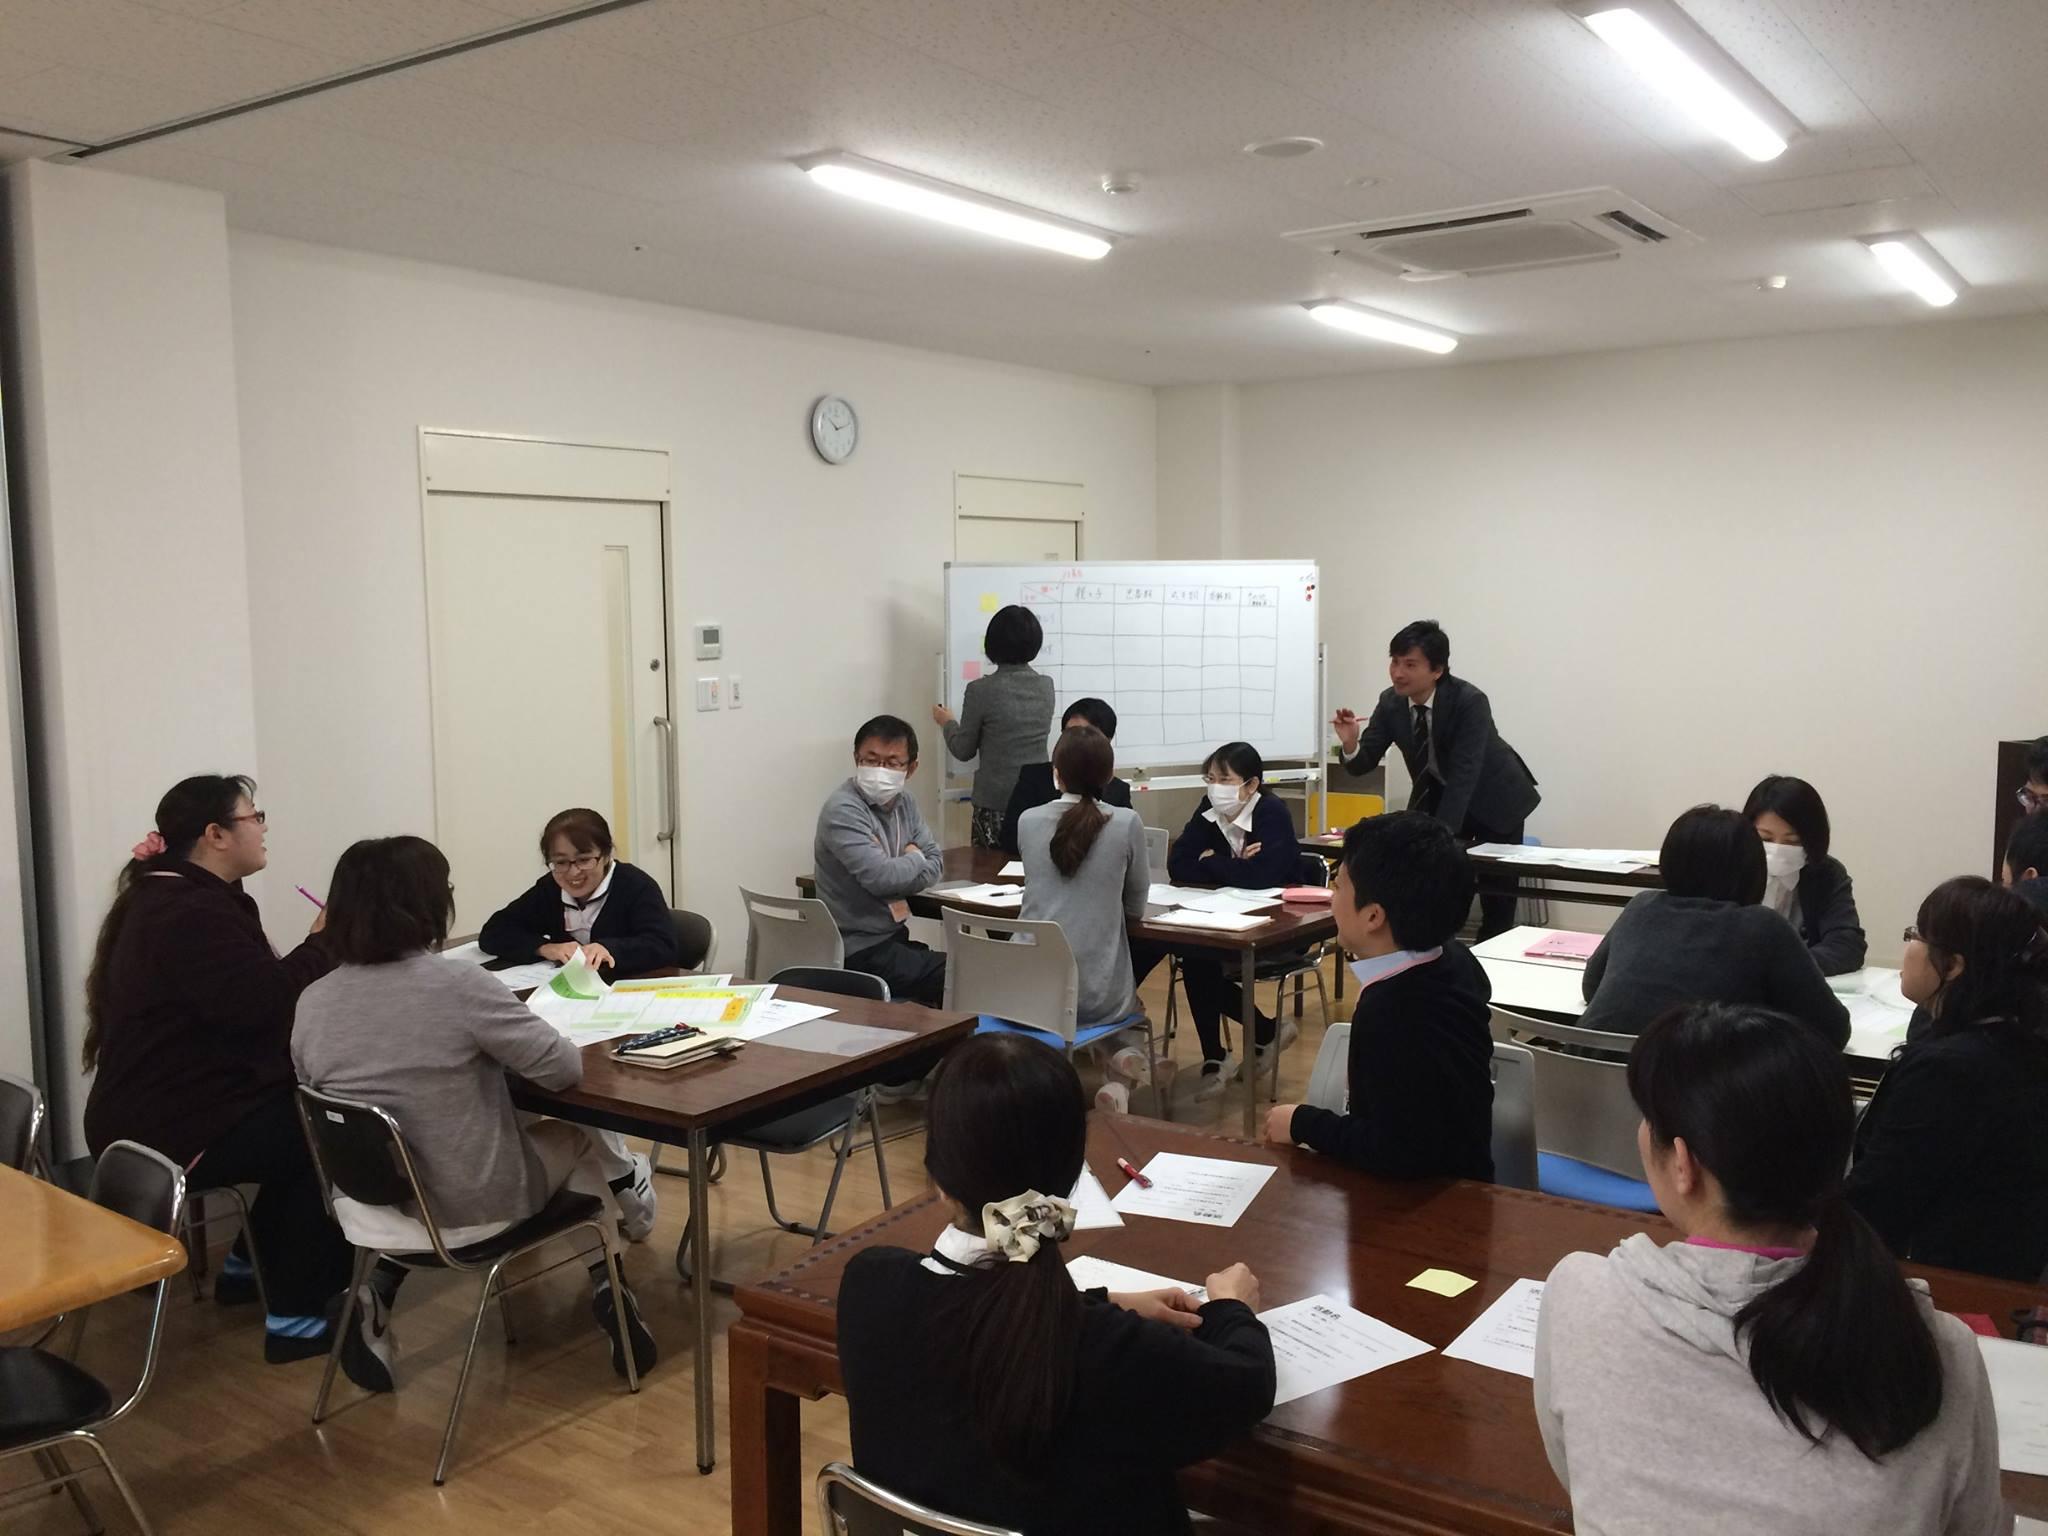 2017年1月21日 菅原病院第1回ワークショップ